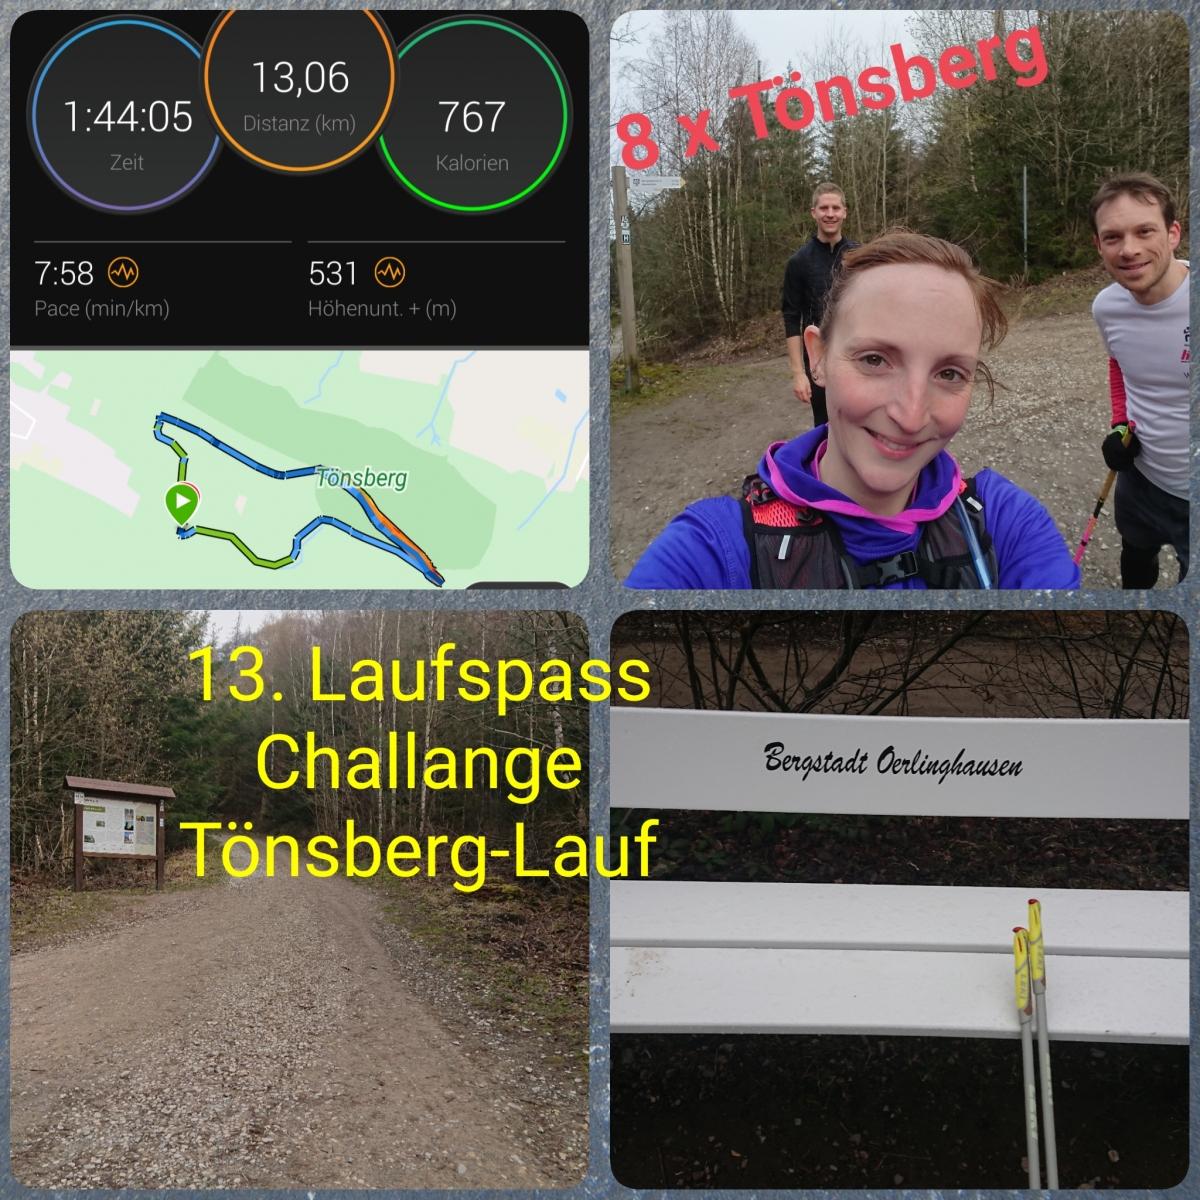 Zipter-Kristina-13-Challenge-Toensberg-clEsO